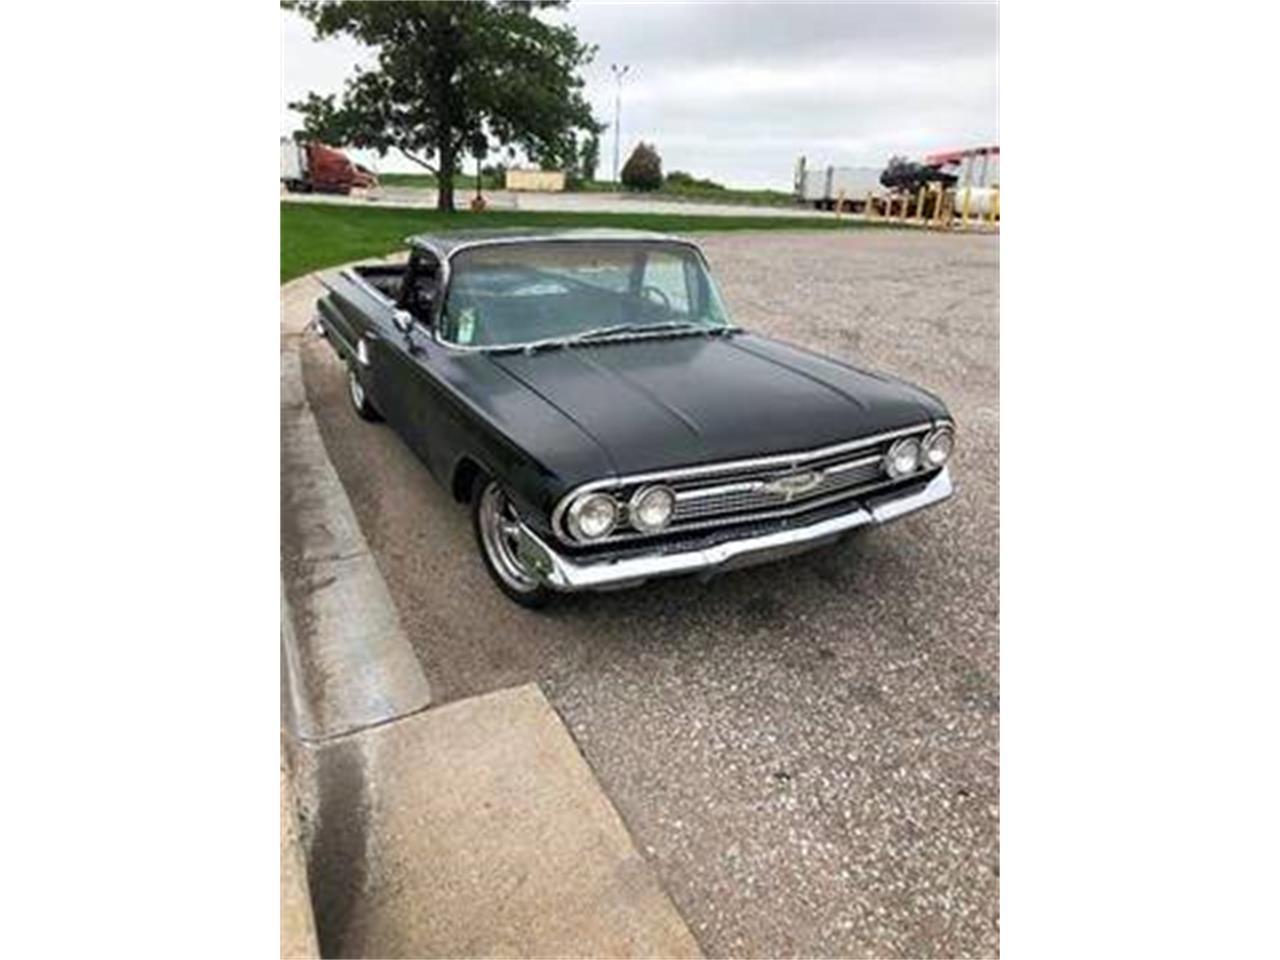 Large Picture of Classic 1960 Chevrolet El Camino located in Iowa - $18,500.00 - QUMB